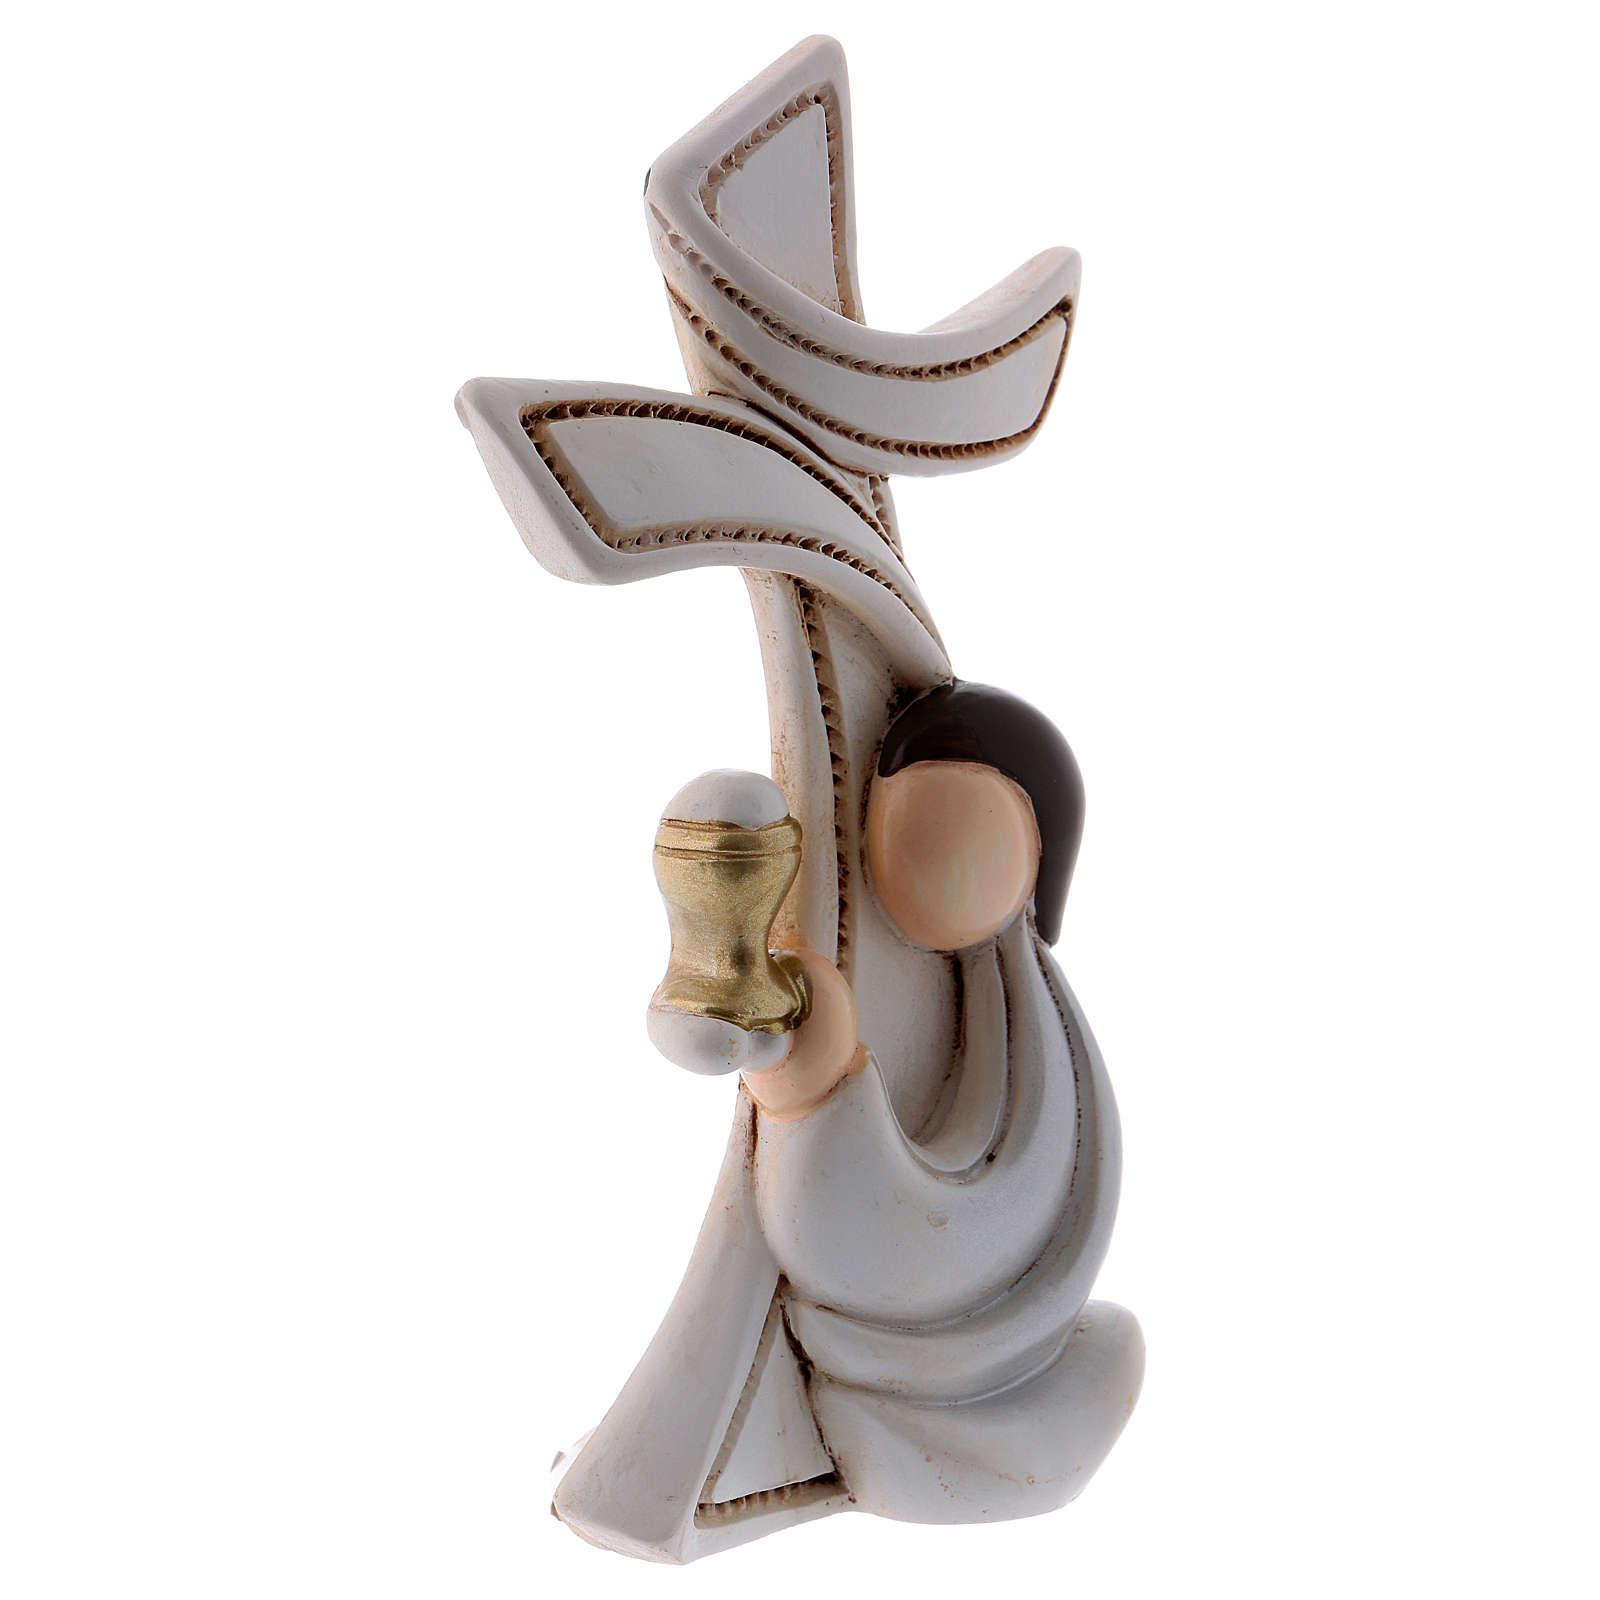 Krzyż stylizowany chłopiec modlący się 10 cm 4